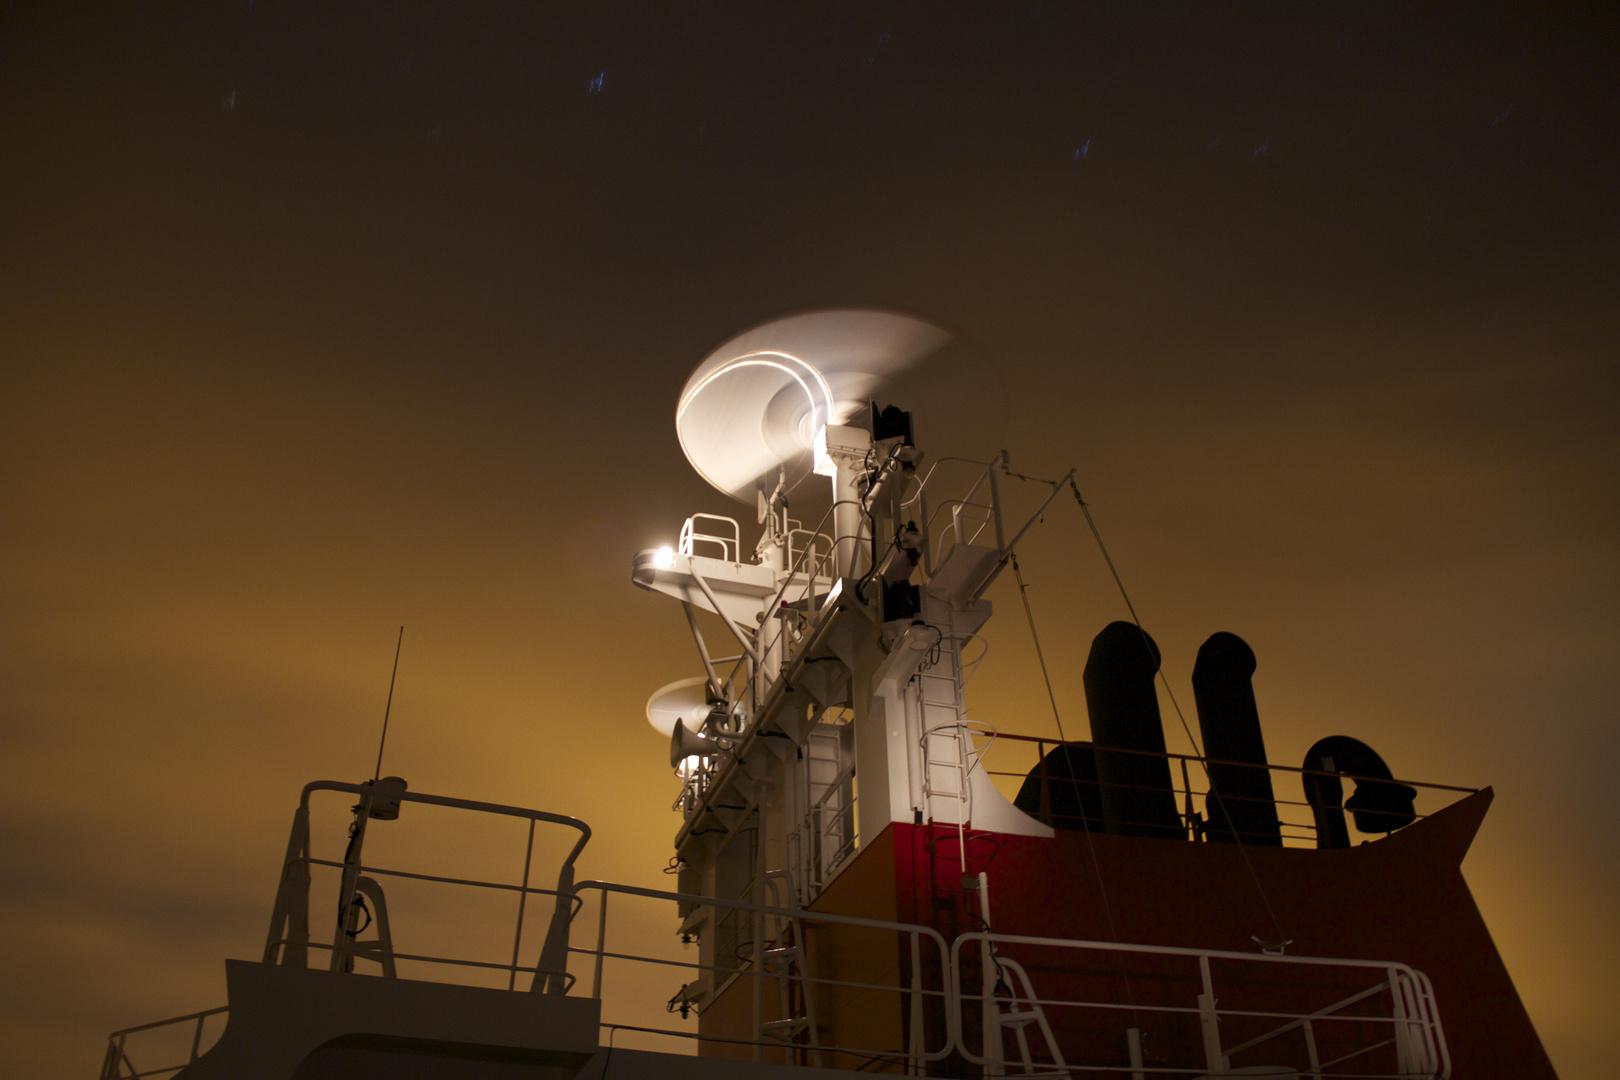 Radarantennen bei Nacht